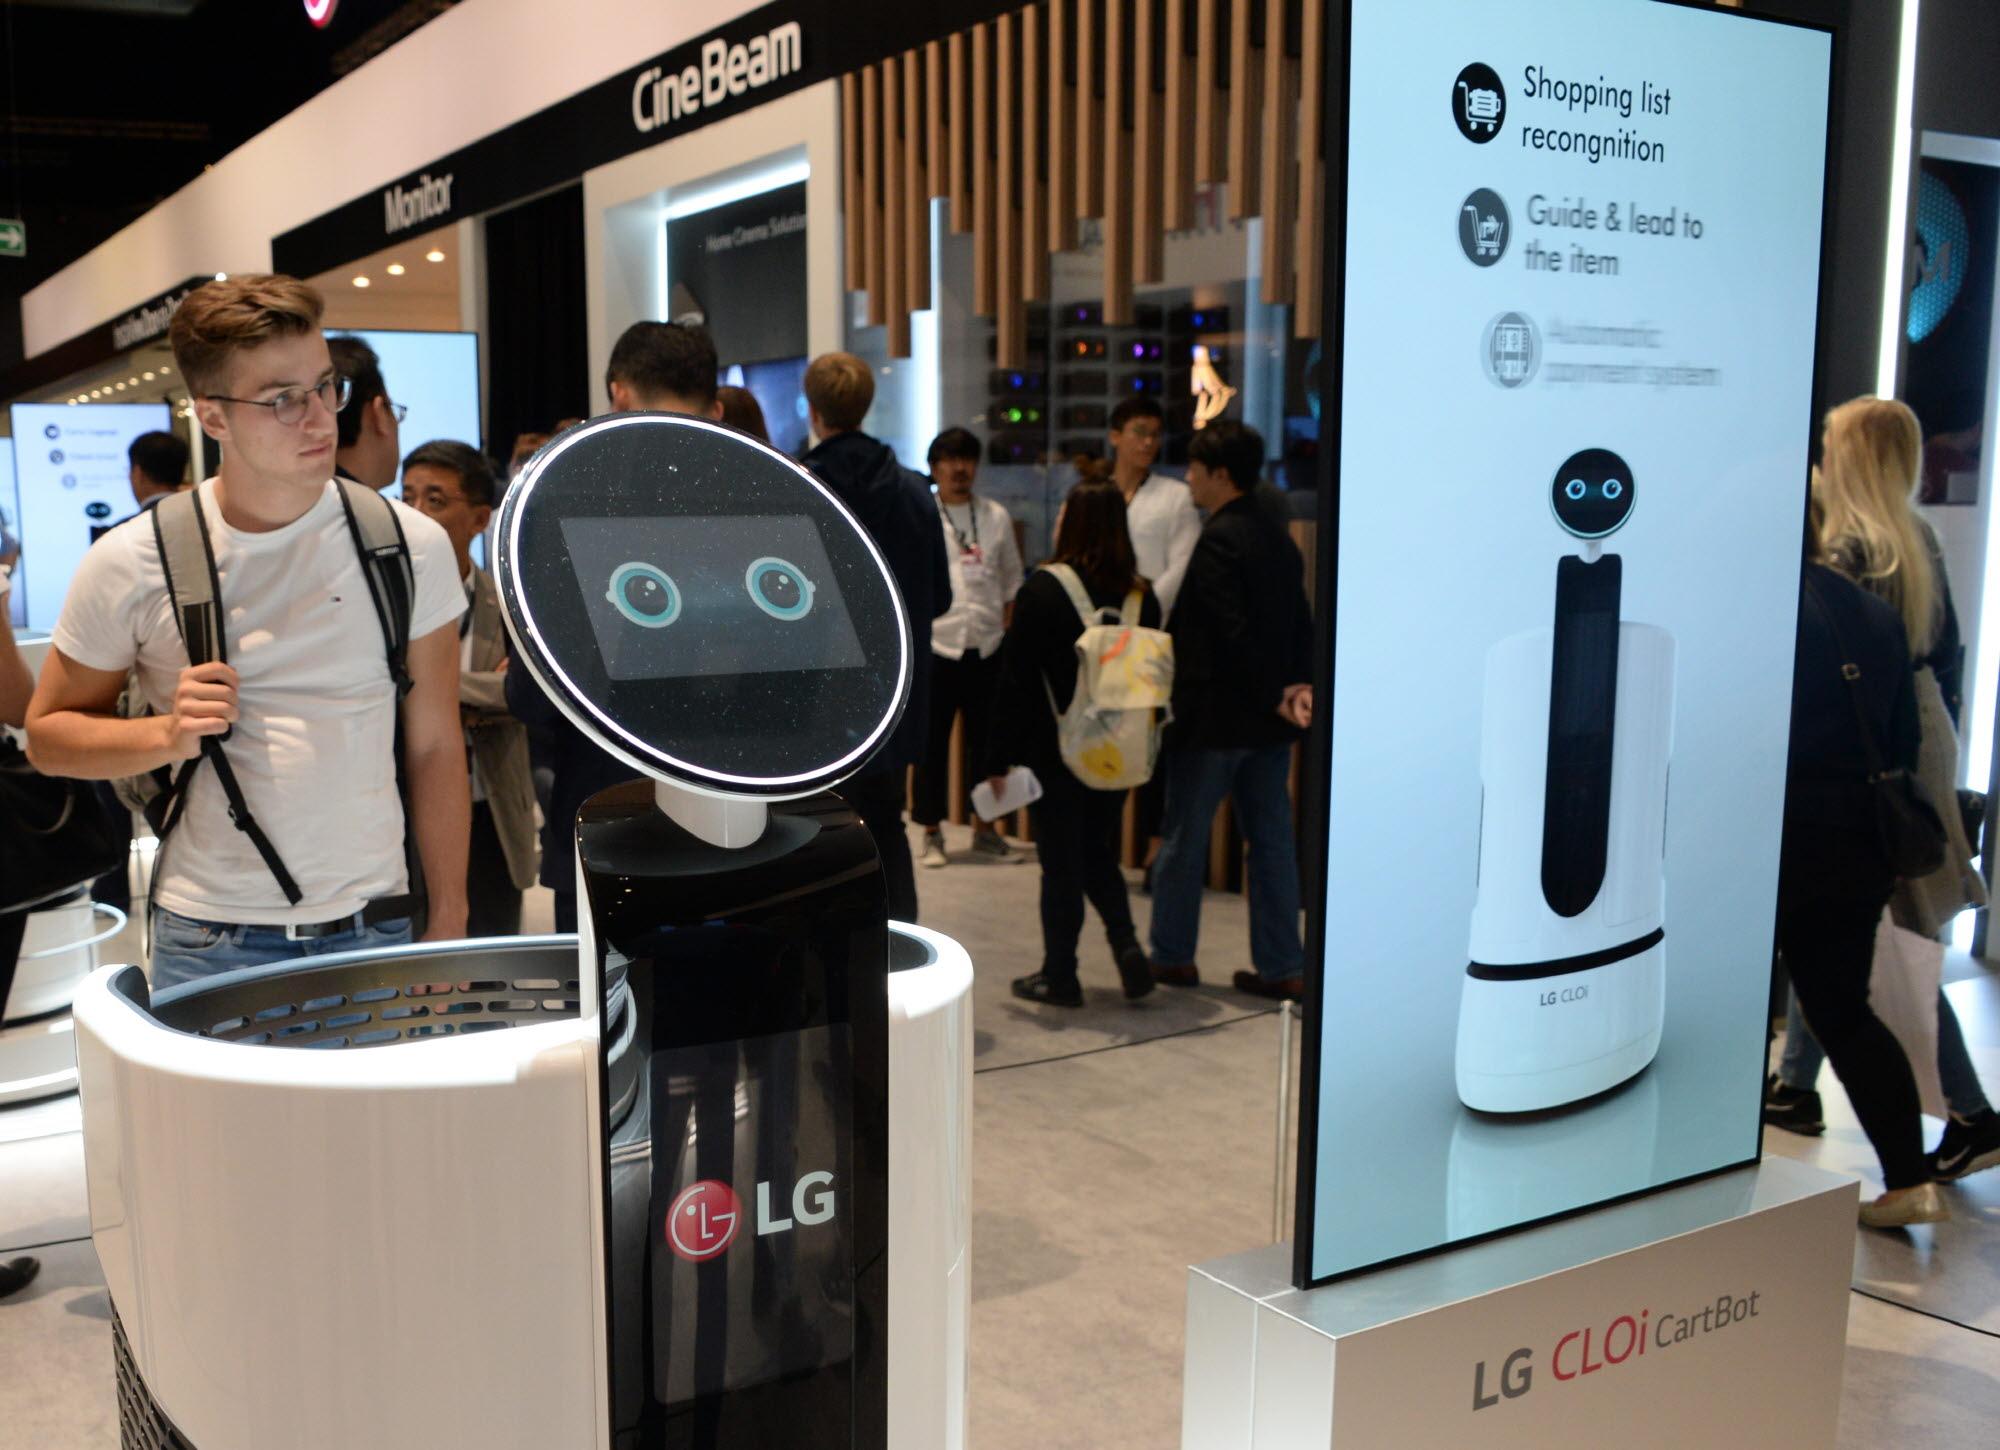 지난 9월 열린 IFA 2018에서 관람객들이 'LG 클로이 카트봇'을 살펴보고 있다.